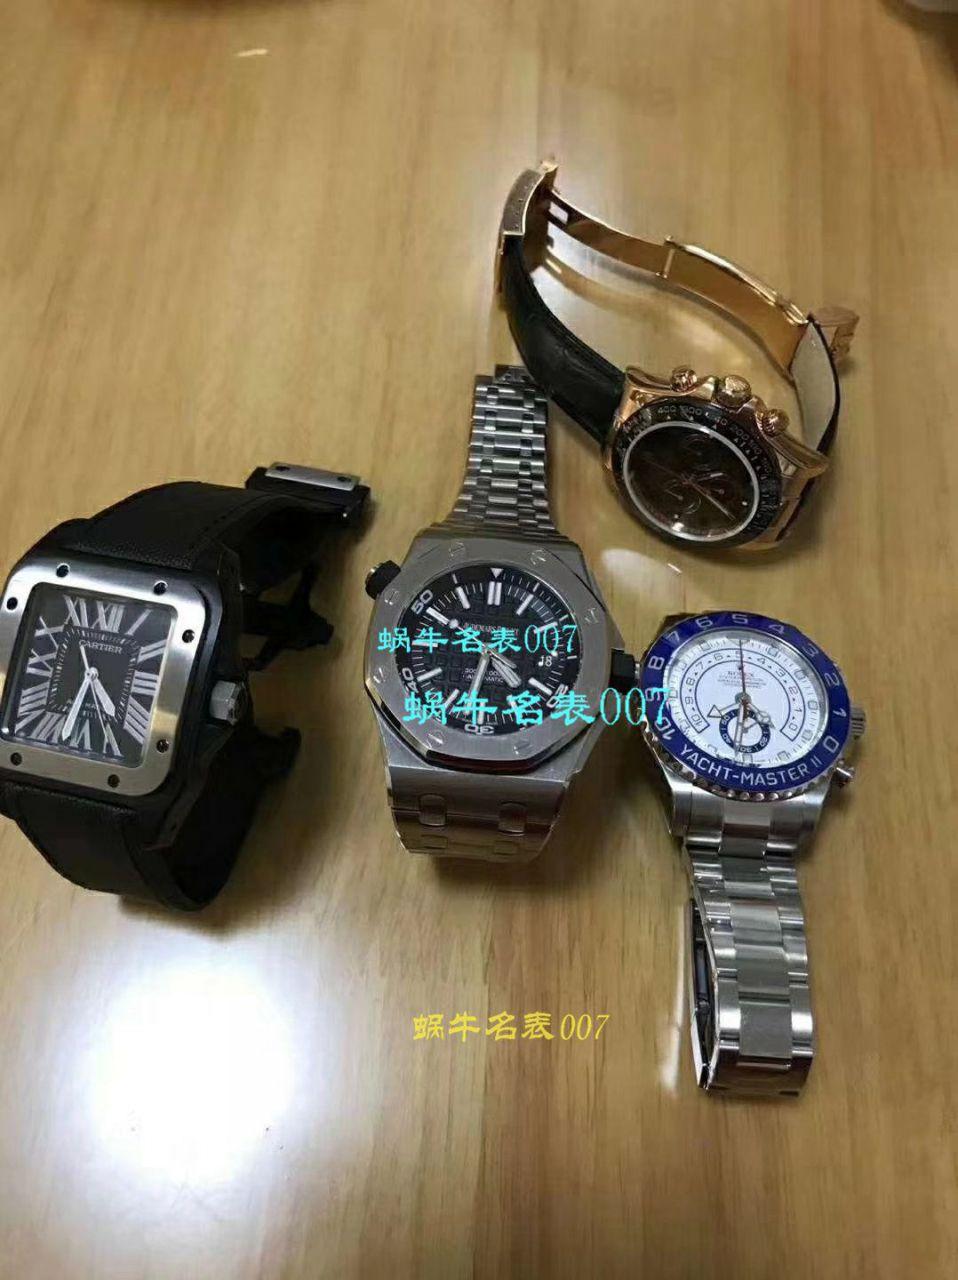 【视频评测】CARTIER卡地亚山度士W20106X8机械女士腕表(V6一比一超A精仿搭配蓝色表带)